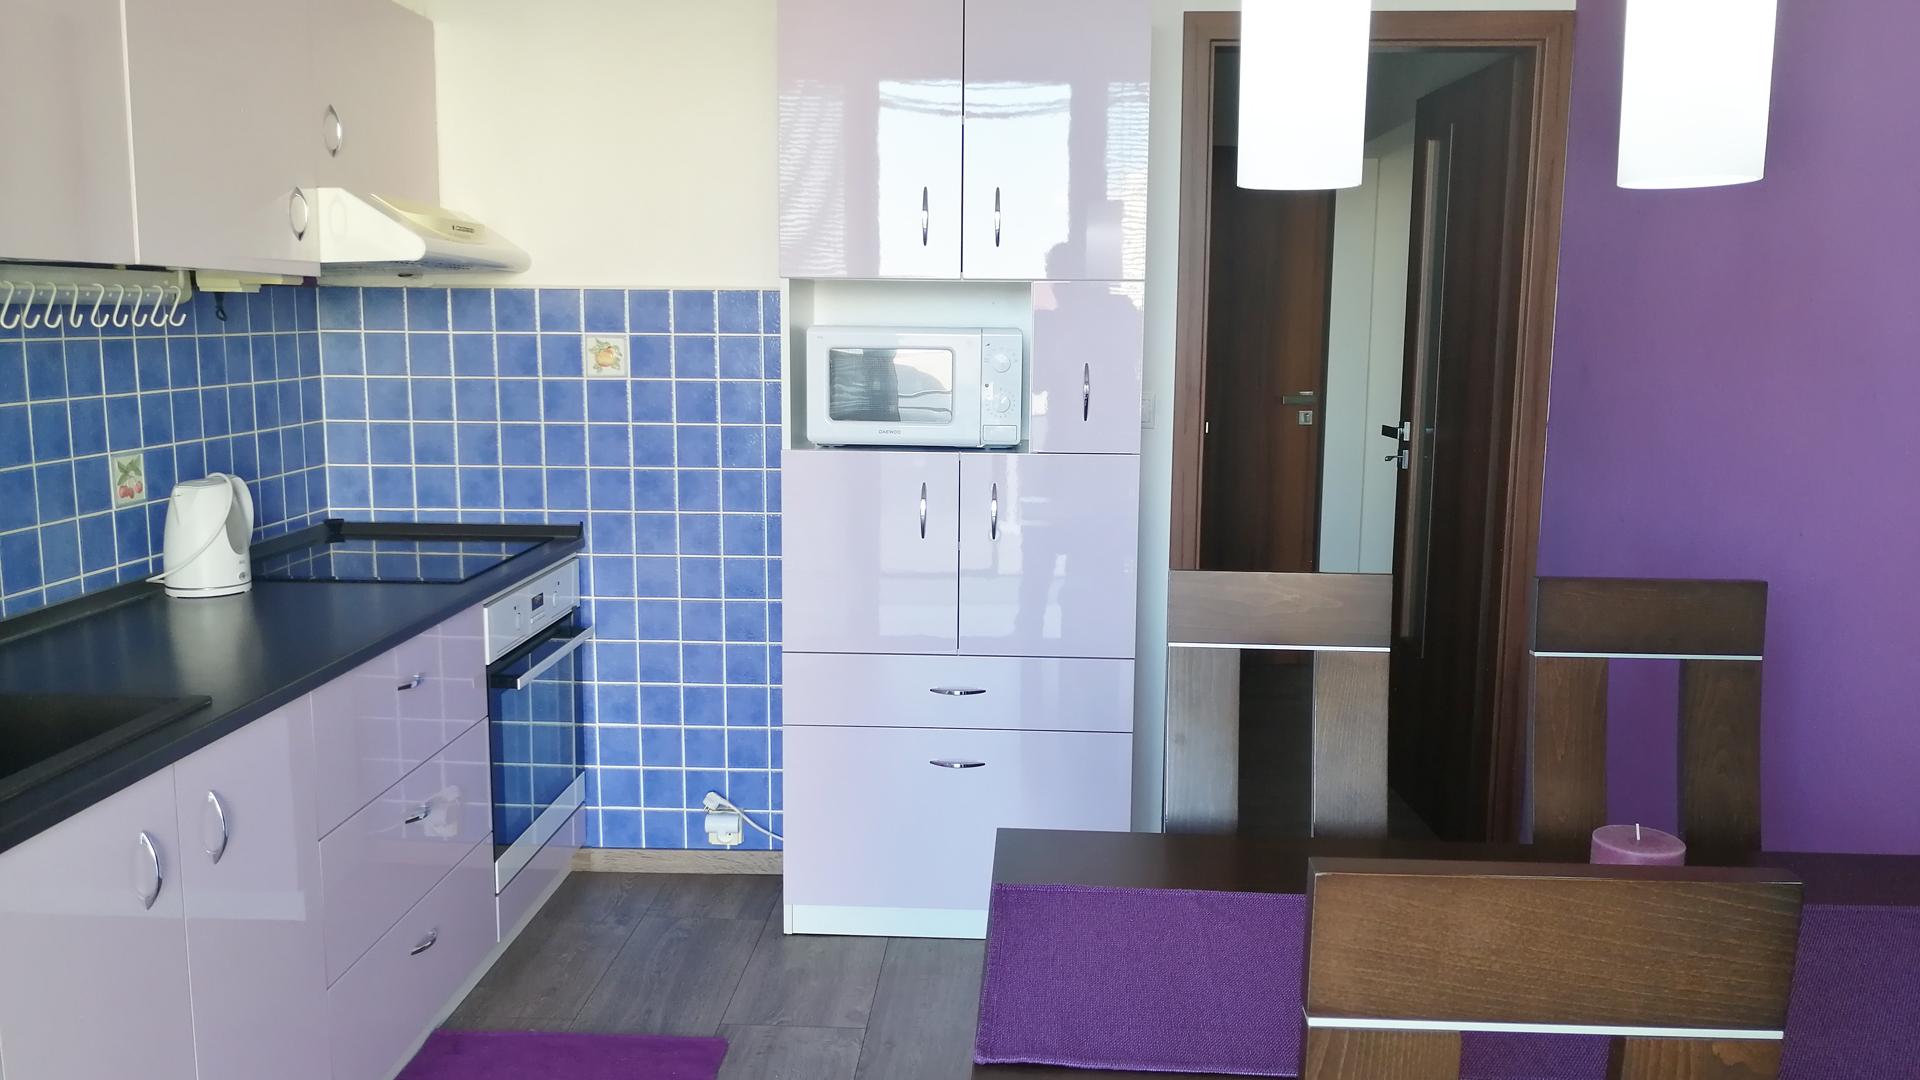 3 izbový byt na prenájom, SENEC centrum